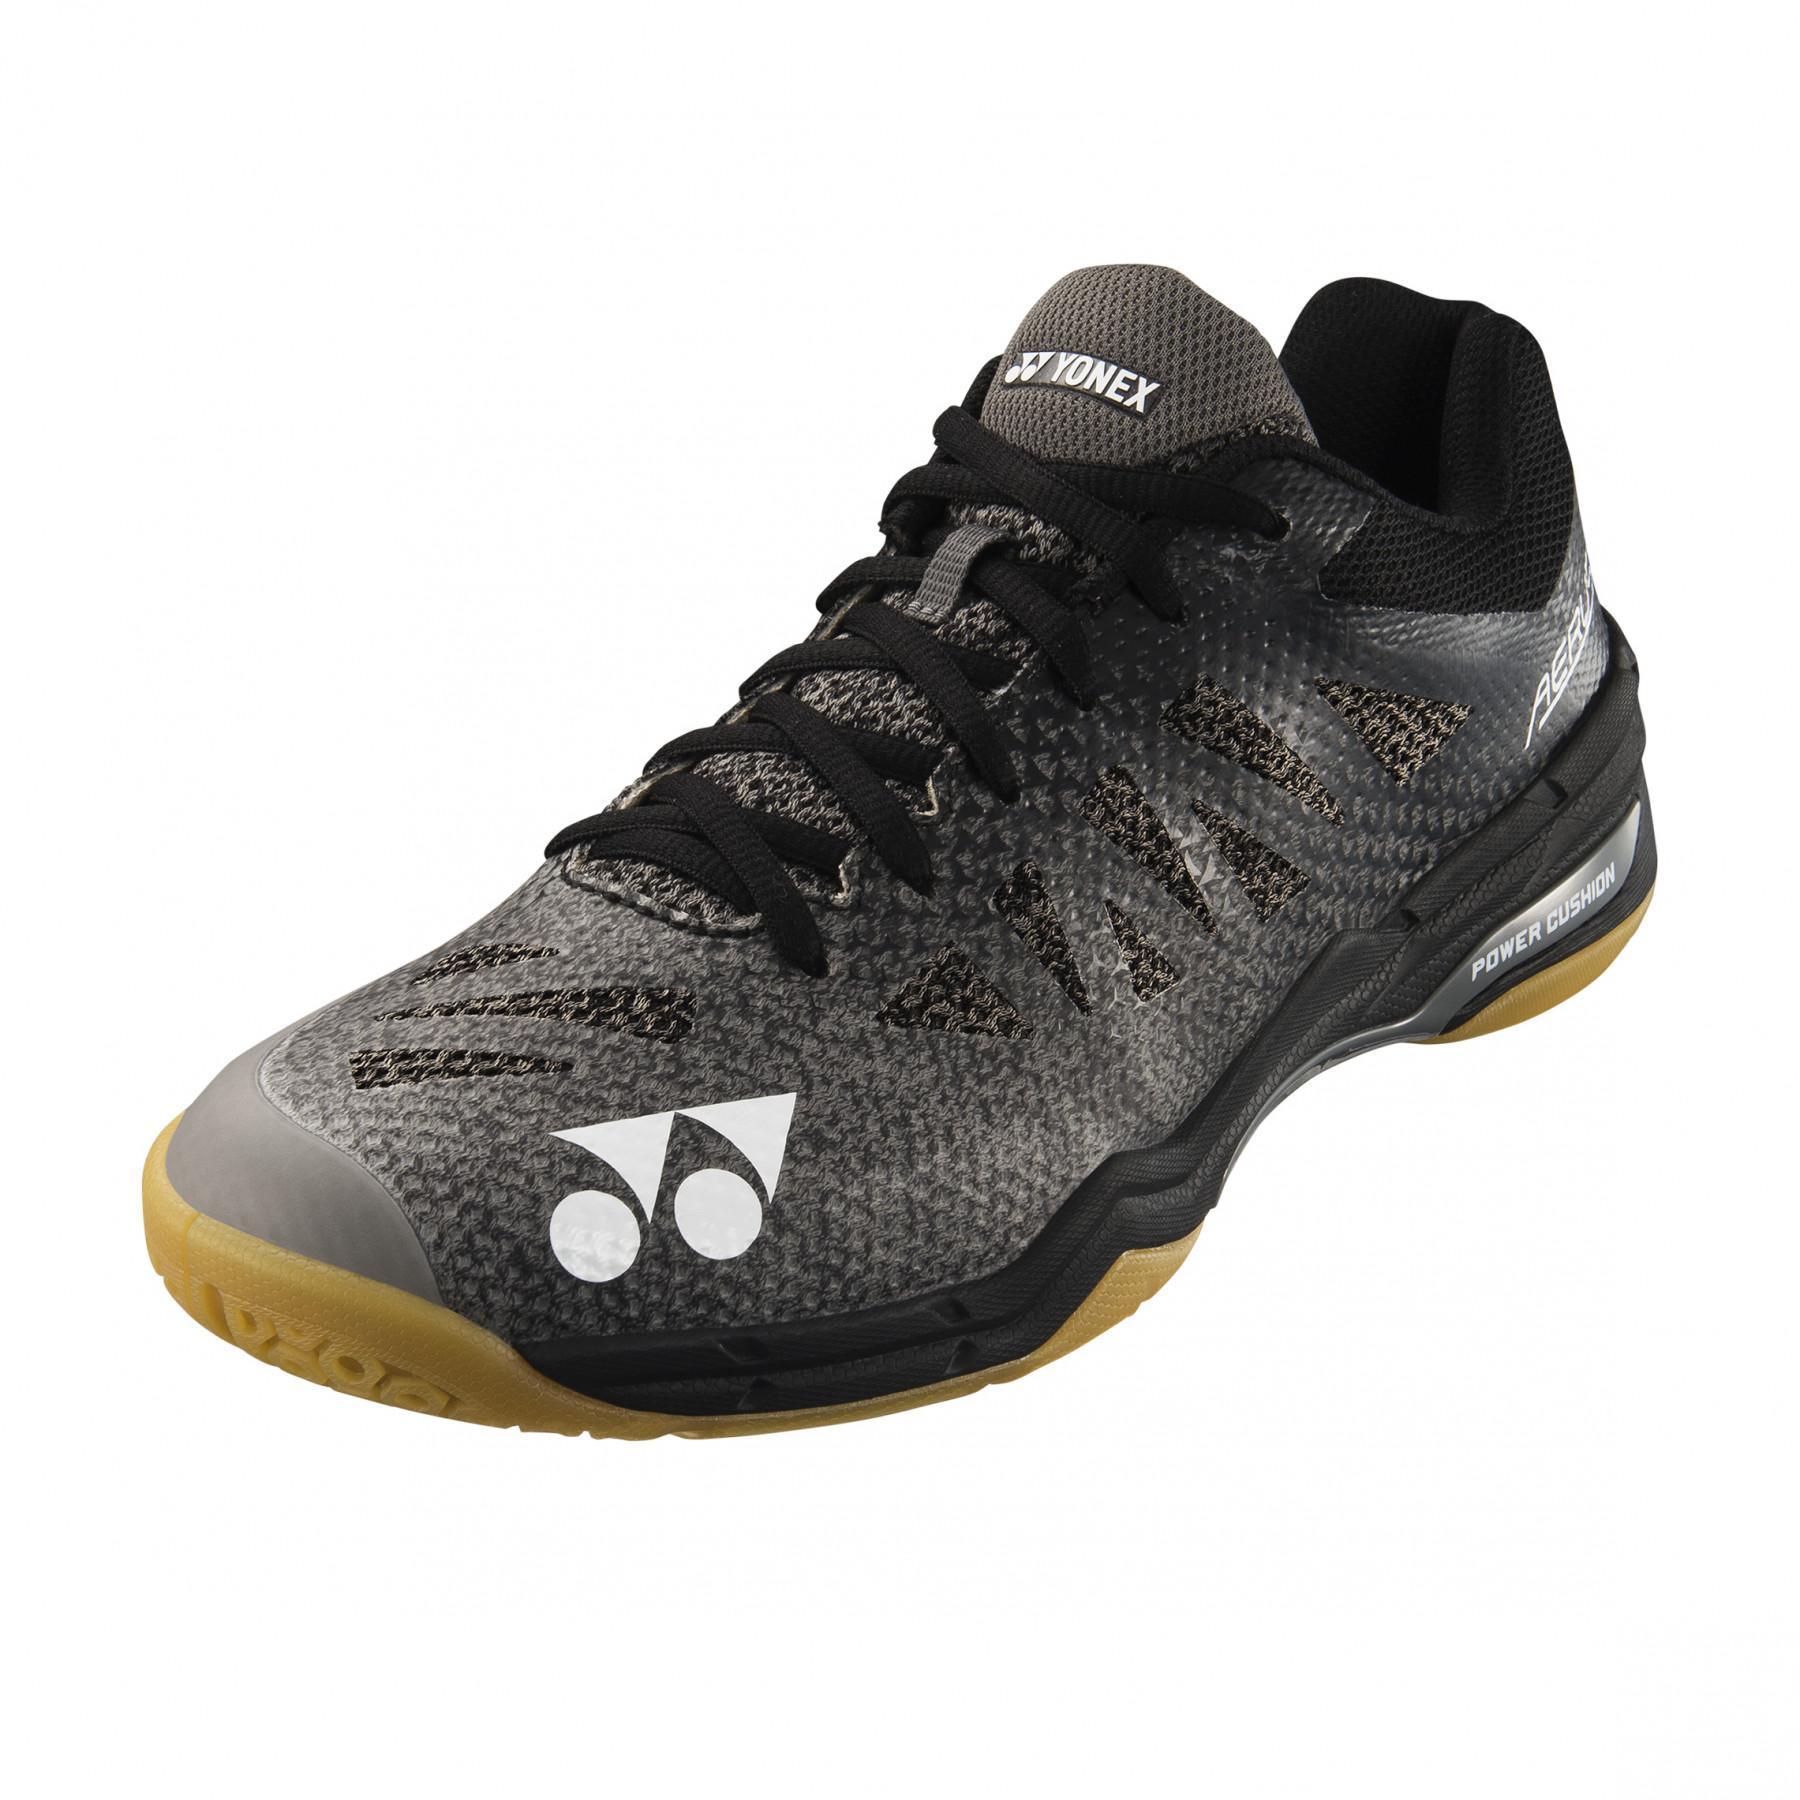 Shoes Yonex Power Cushion Aerus3r